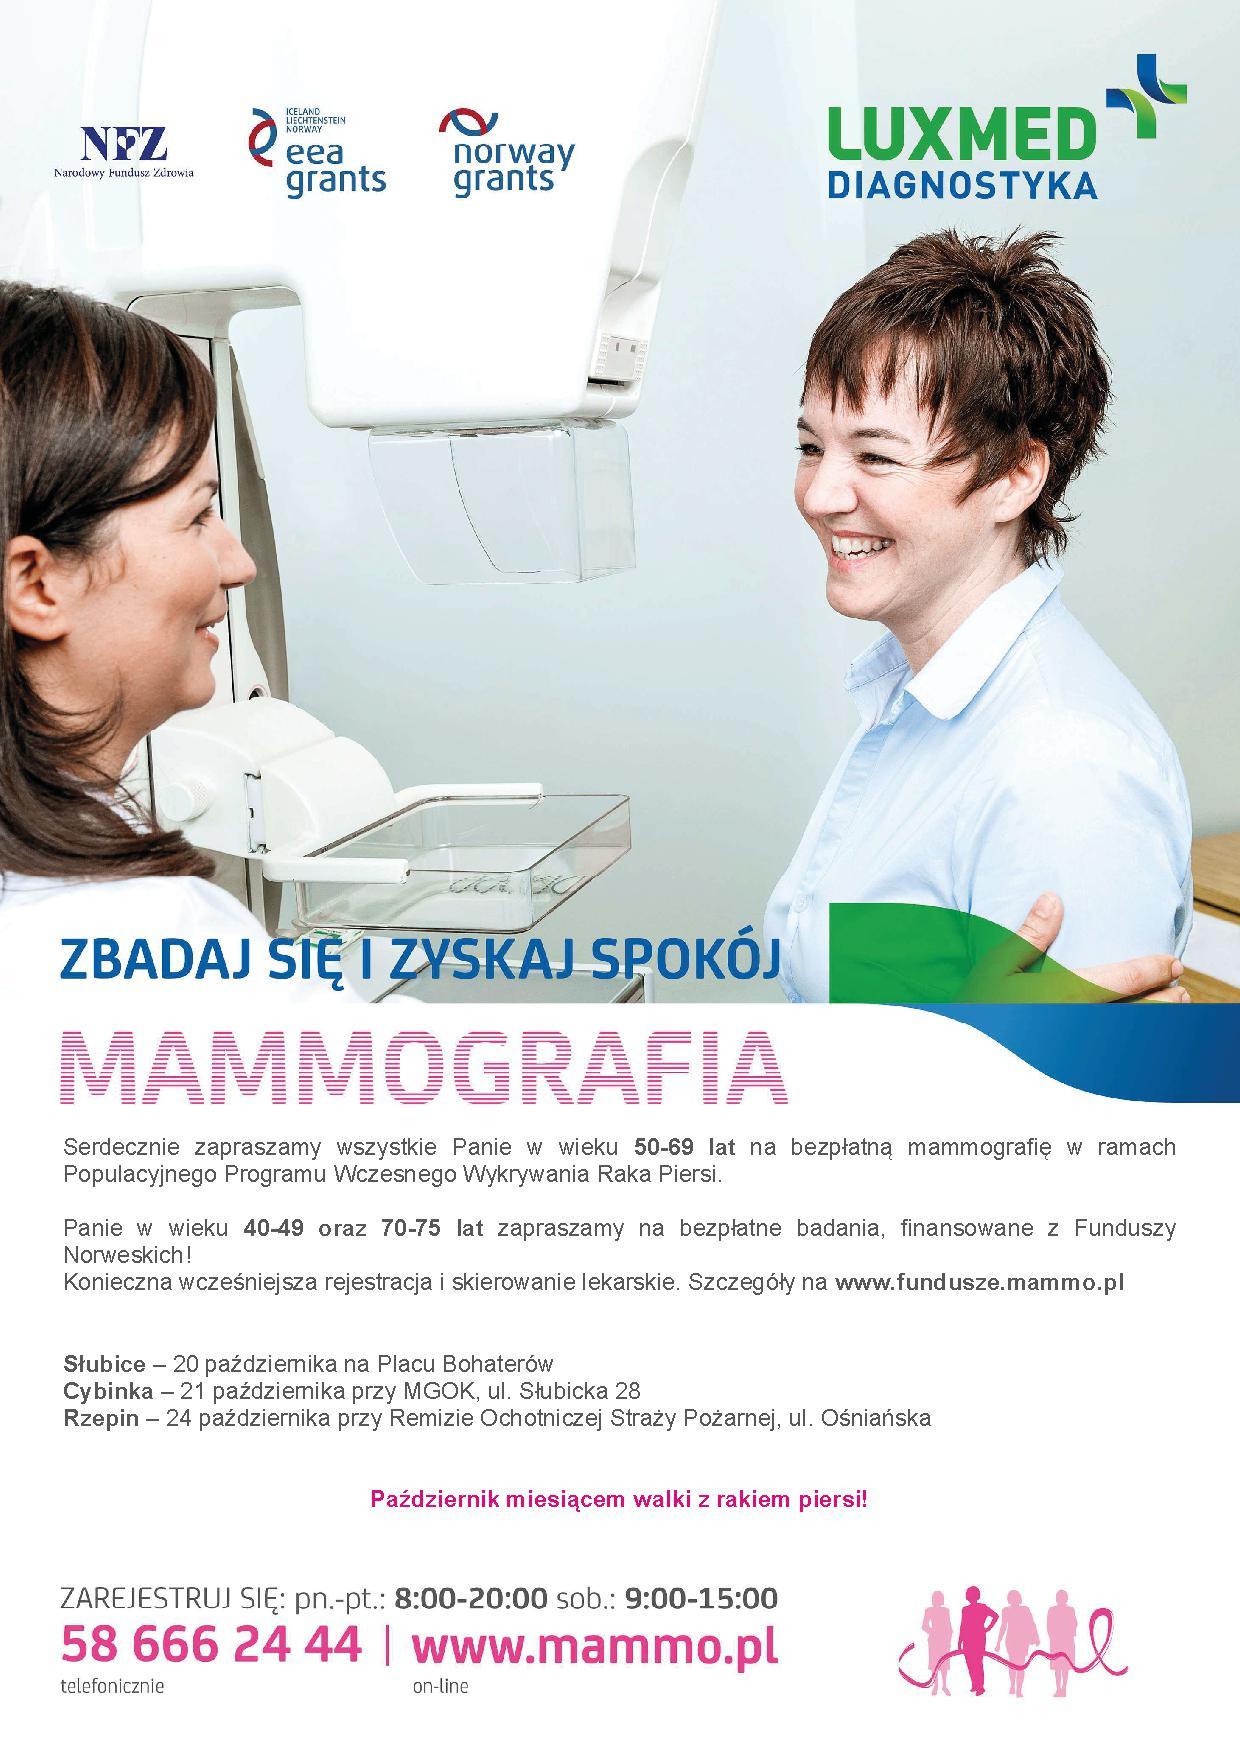 Ilustracja do informacji: Październik miesiącem walki z rakiem piersi - bezpłatne badania w mammobusie!